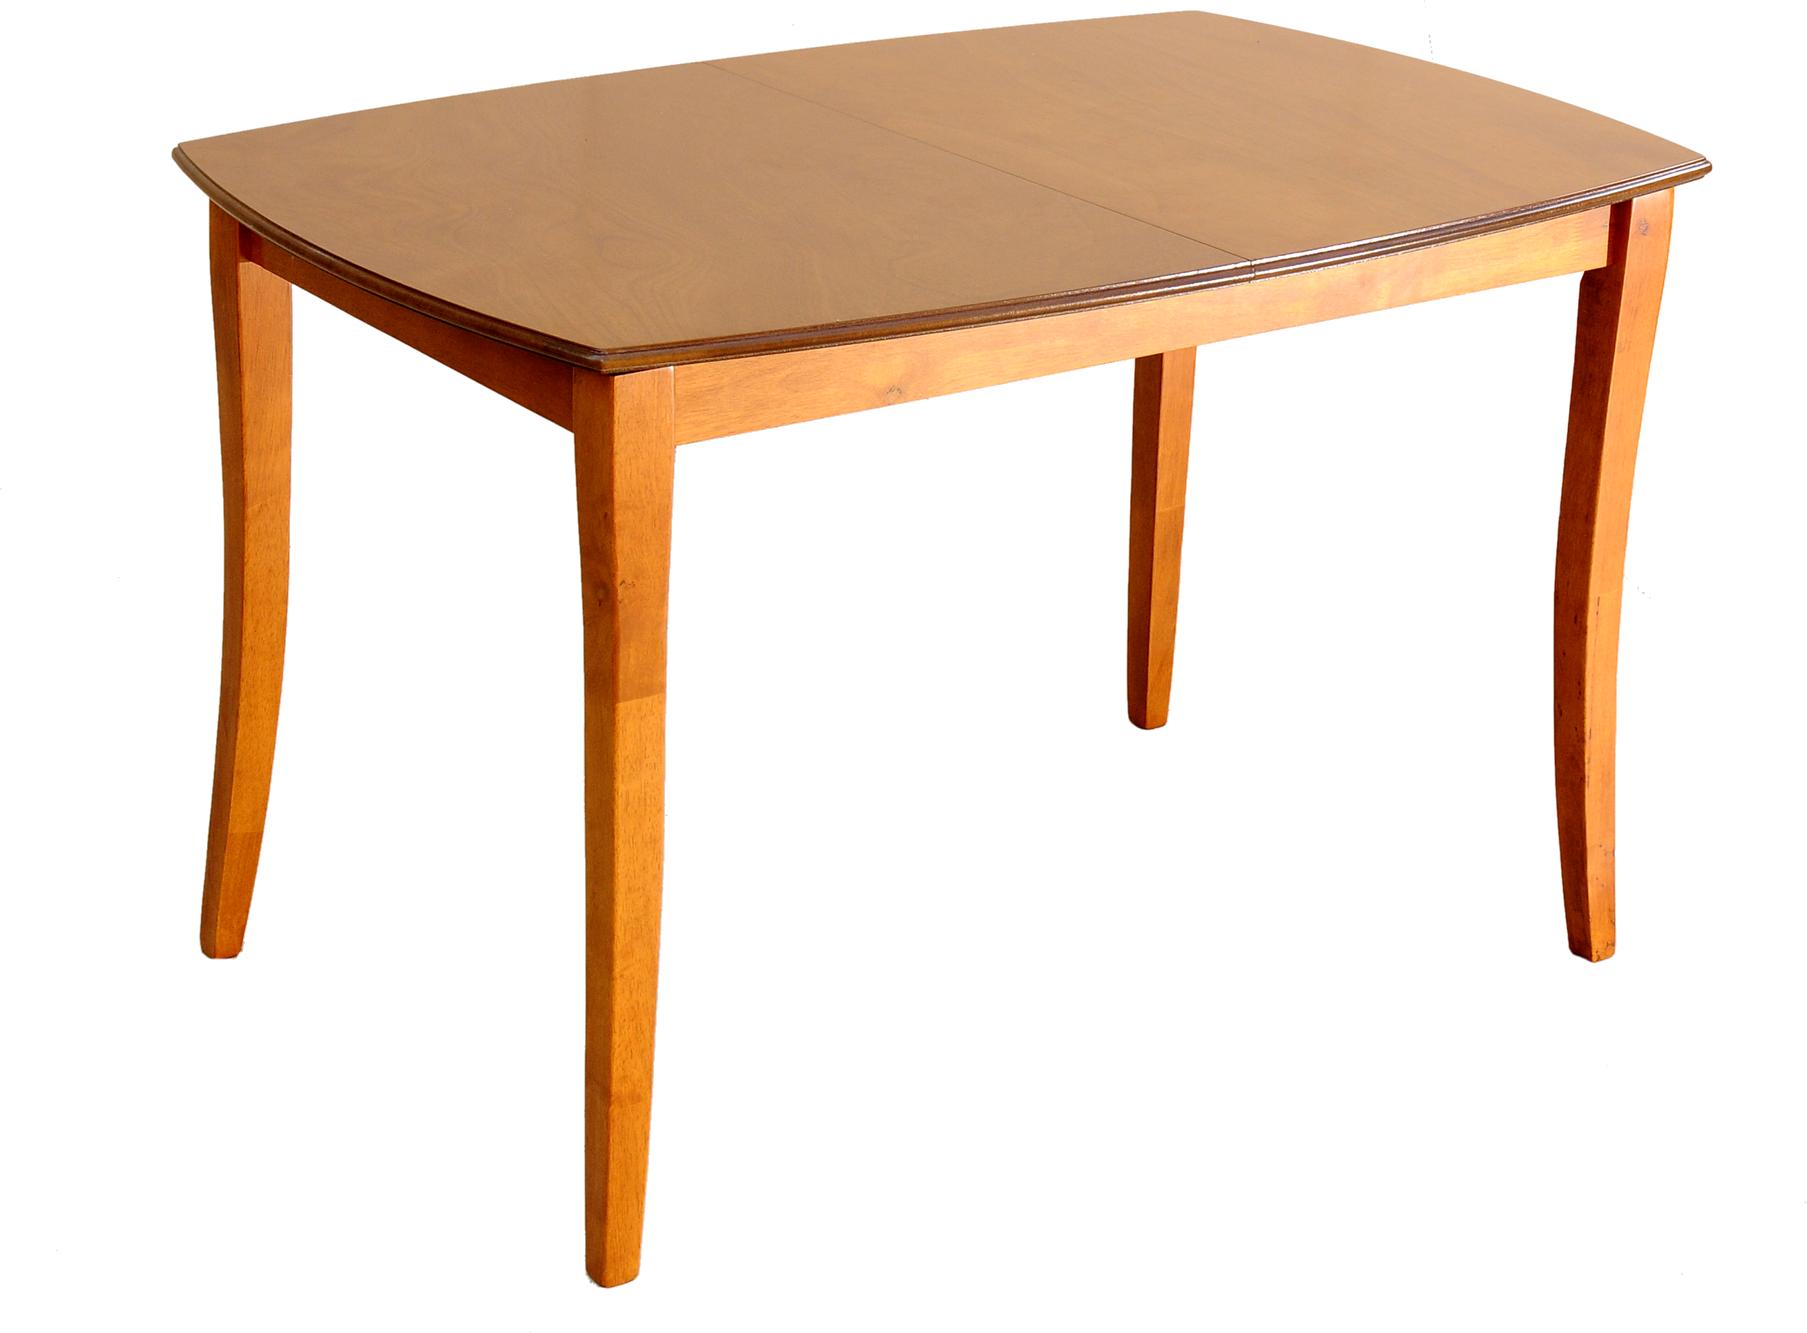 clip freeuse Table clipart. Clip art for teachers